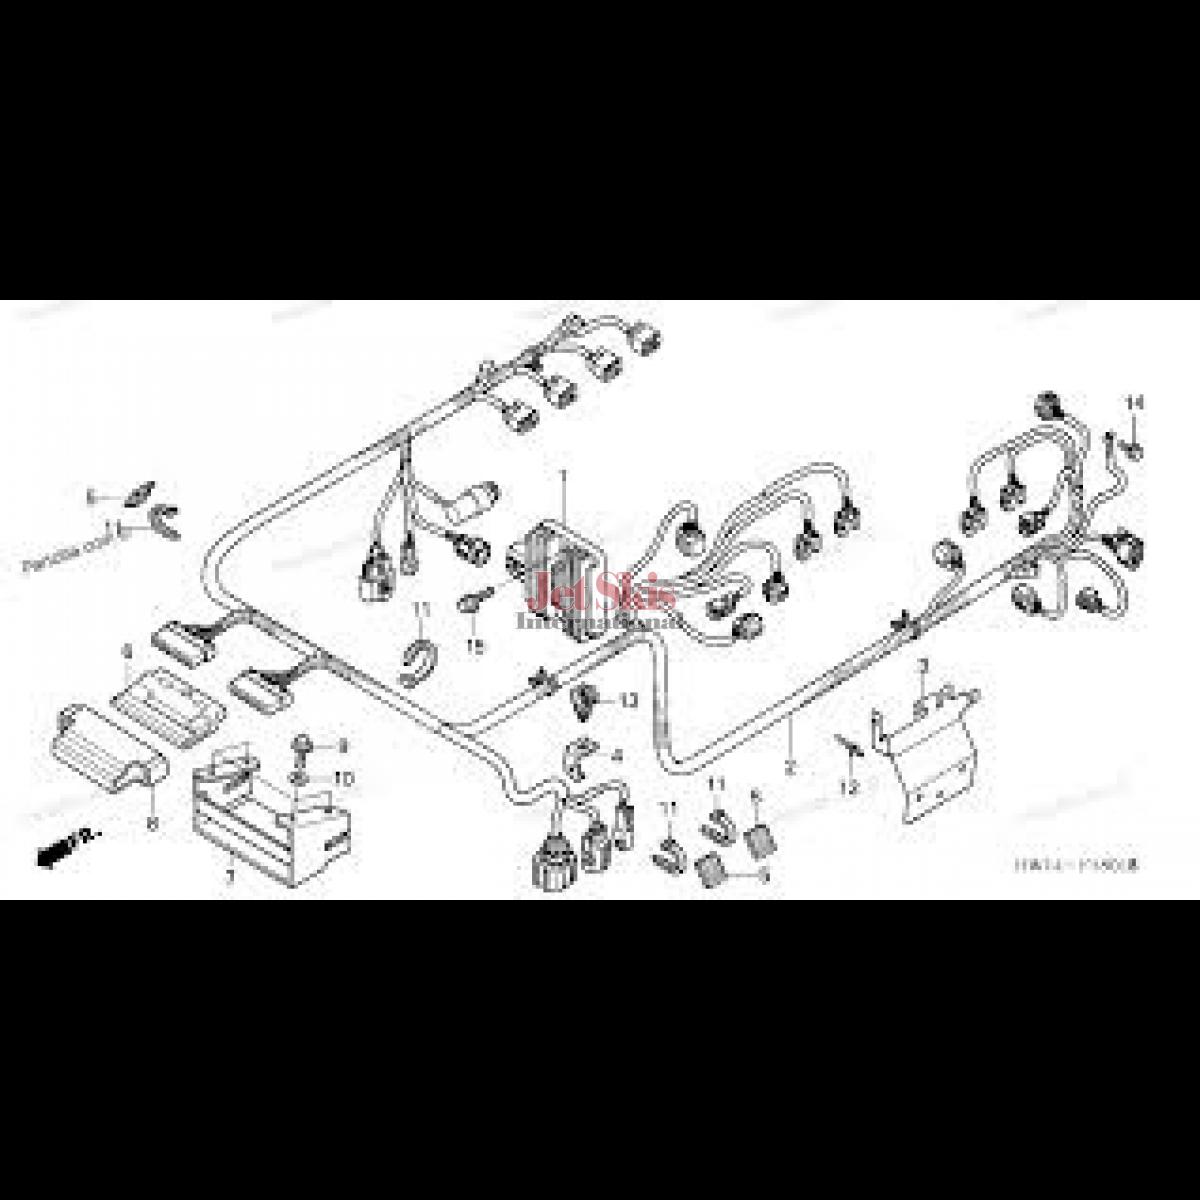 [DIAGRAM_38DE]  Honda Aquatrax Part# 32101-HW4-680 Engine Harness | Jet Skis International | Aquatrax Wiring Diagram |  | Jet Skis International